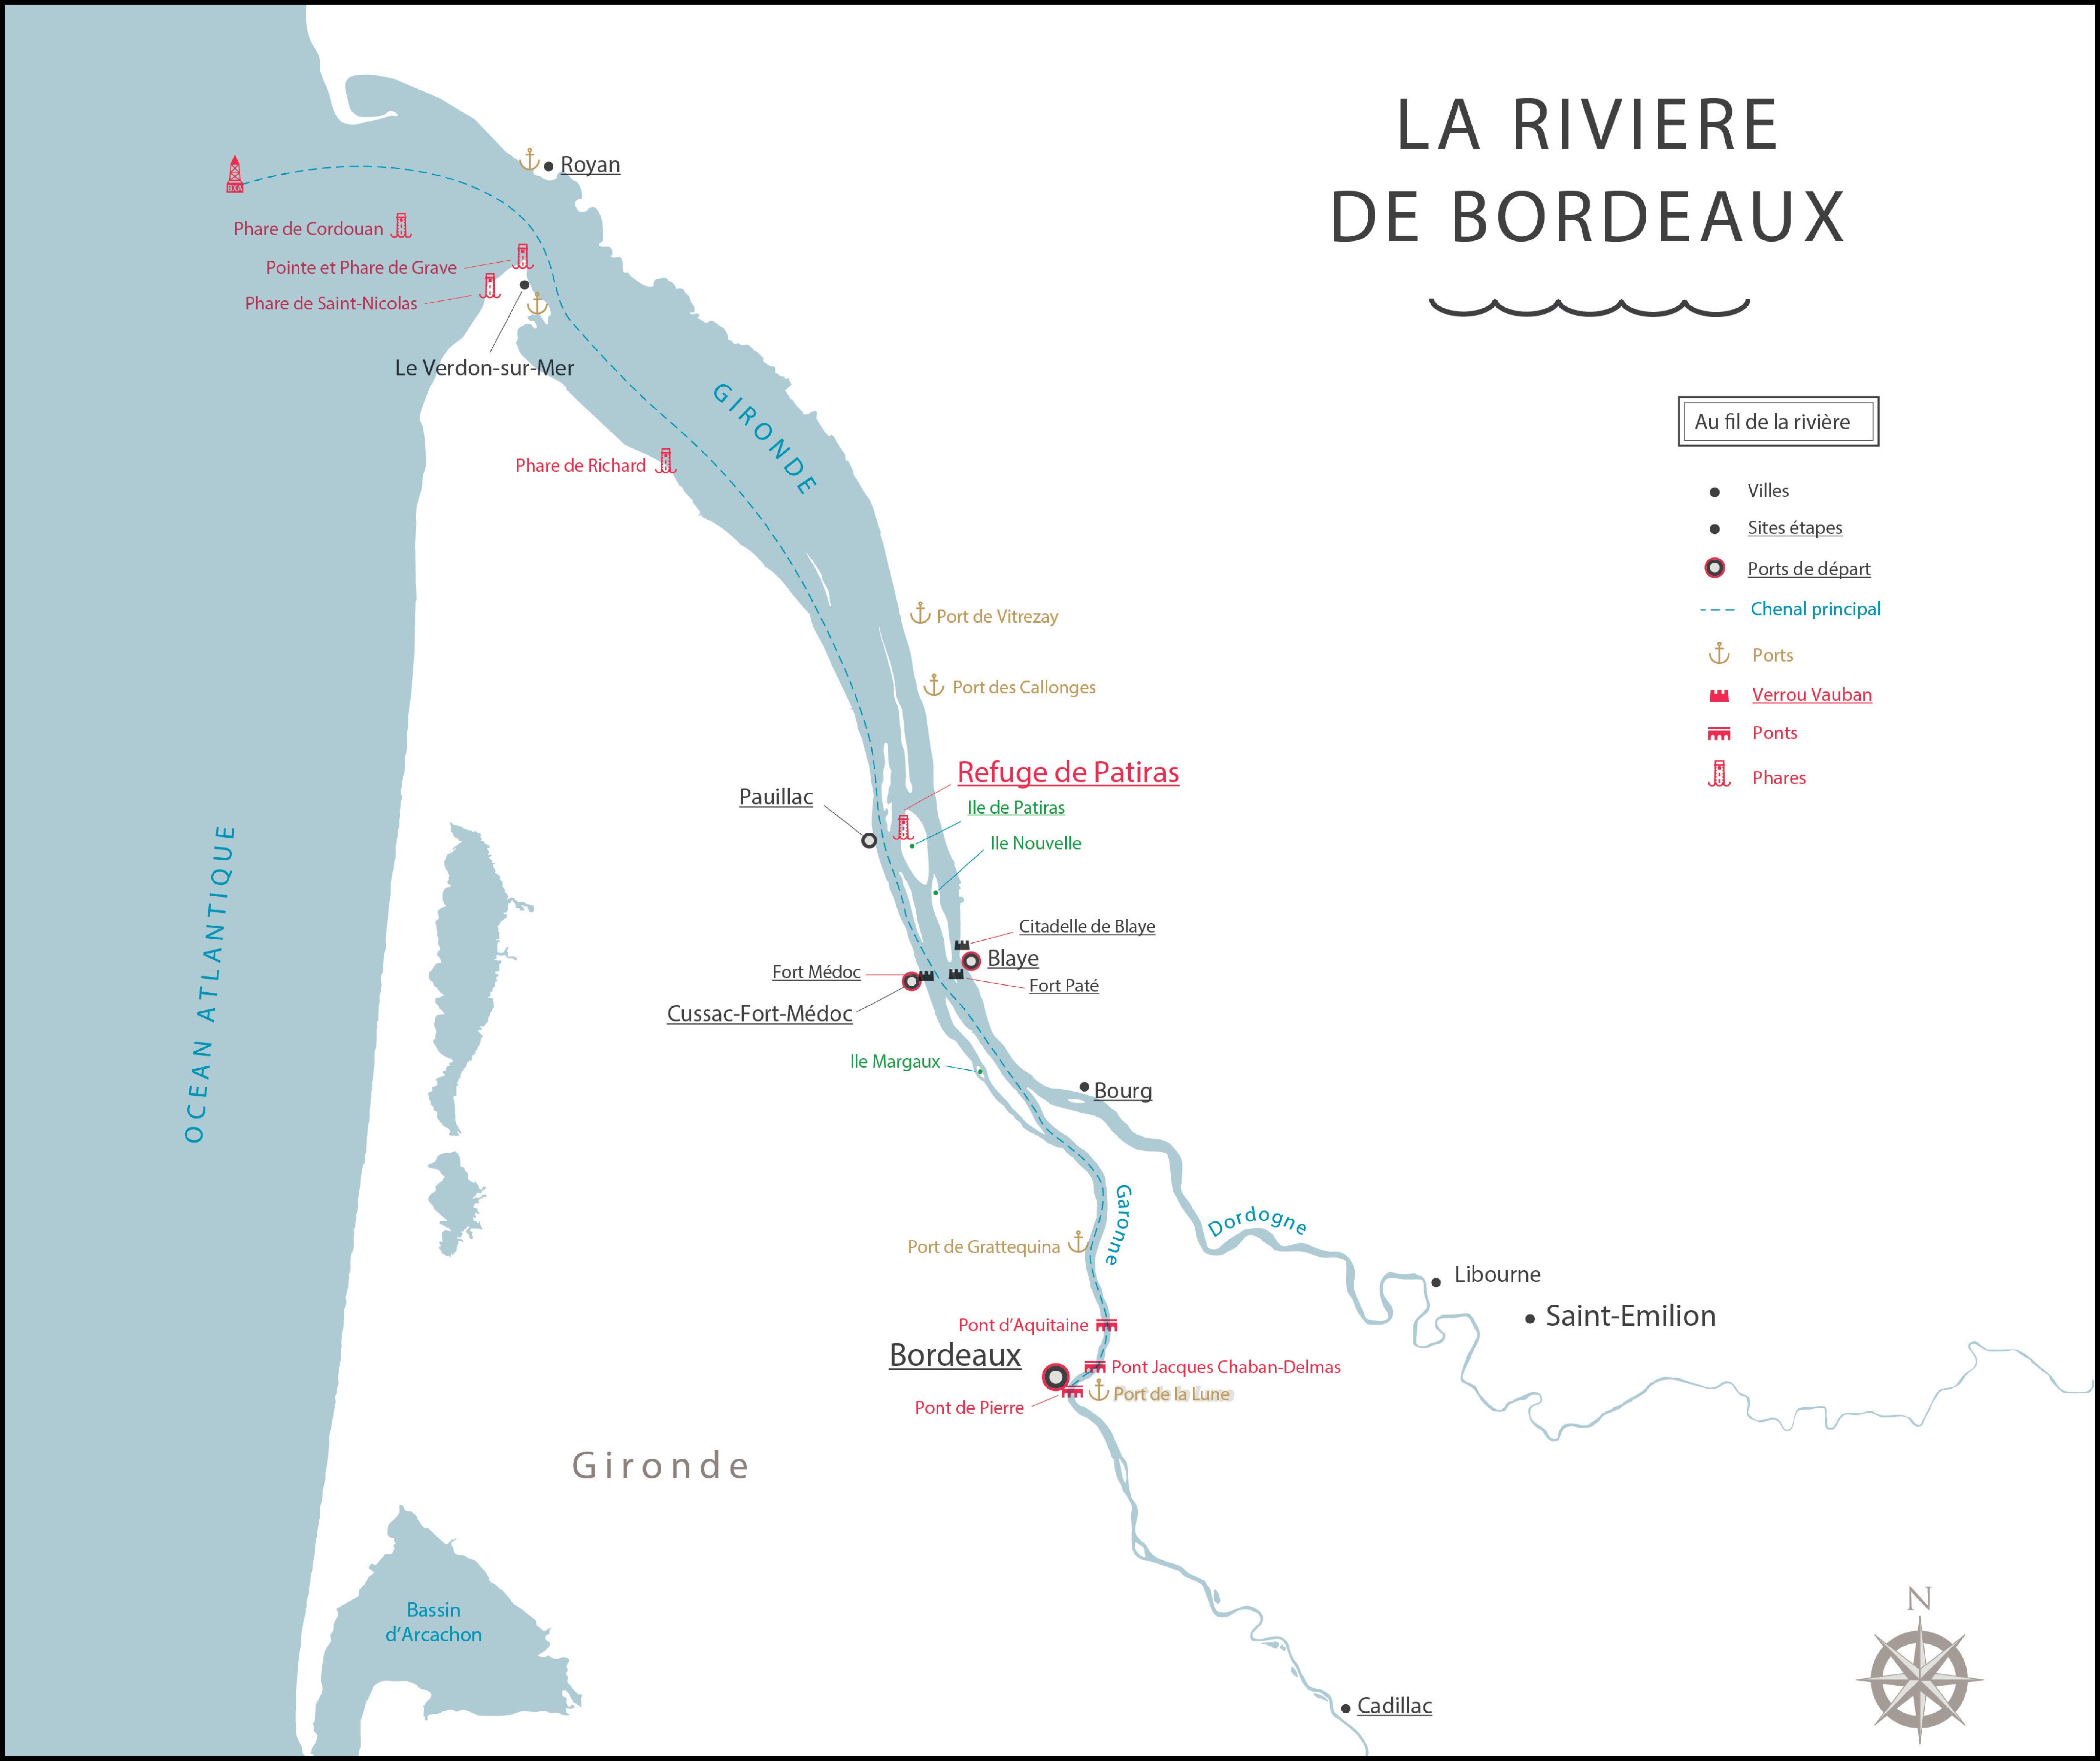 Carte Bordeaux River Cruise - Séminaires Bordeaux